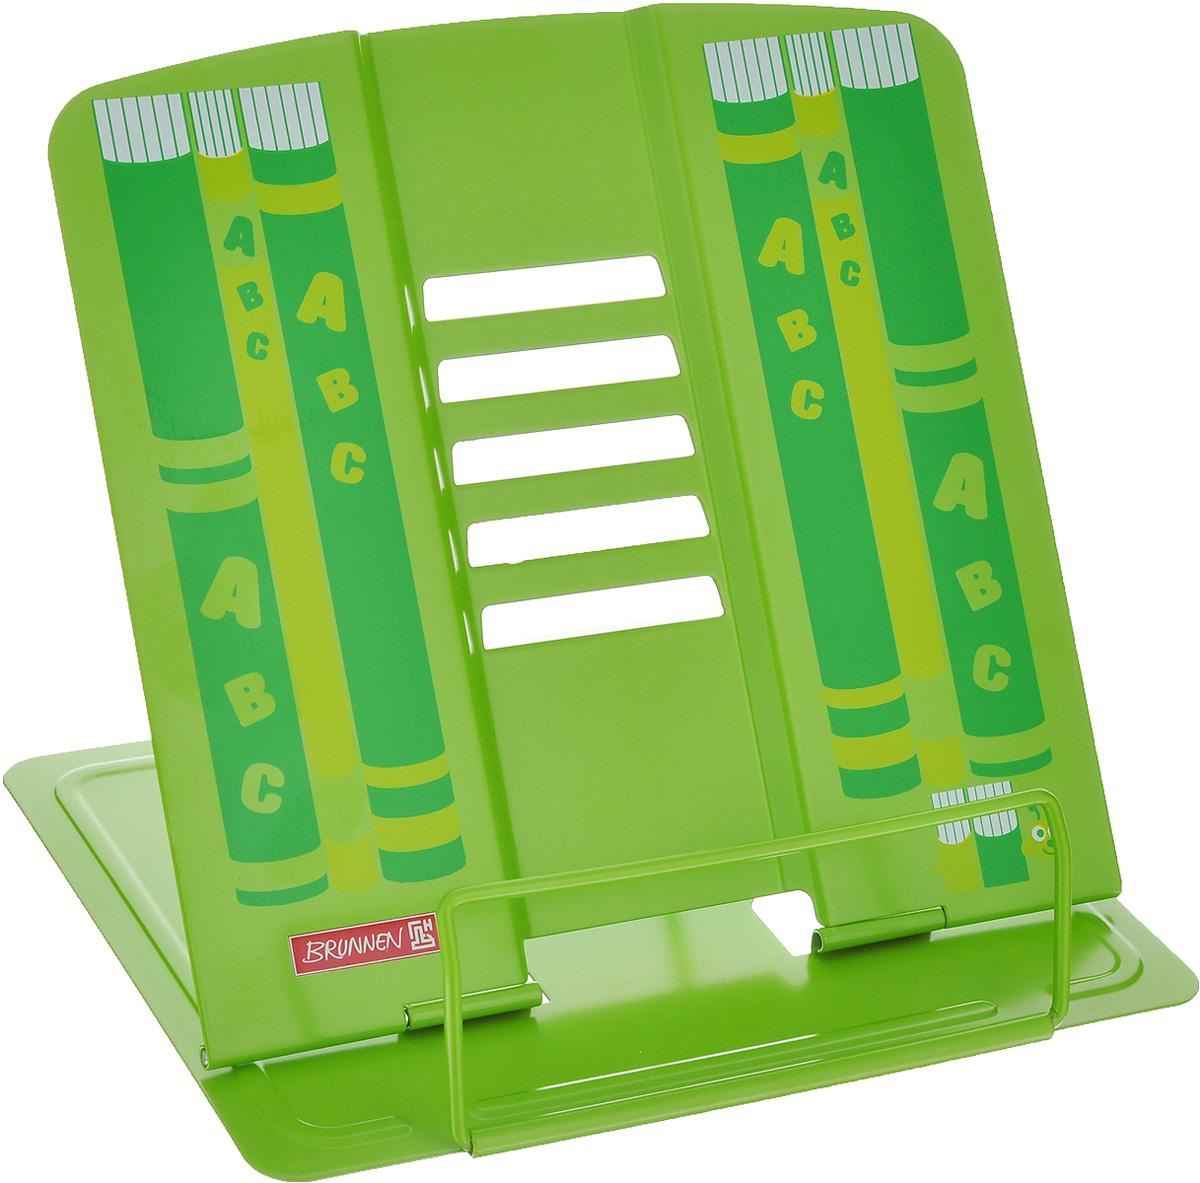 Подставка для учебников Brunnen, цвет: зеленый40401\BCD_зеленыйПодставка Brunnen, выполненная из металла, предназначена для книг и учебников. Подставка оснащена упором, благодаря которому она имеет несколько углов наклона.Яркая подставка с изображением книг станет для ребенка незаменимым аксессуаром в период обучения.Размер (в разложенном виде): 19,5 см х 22 см.